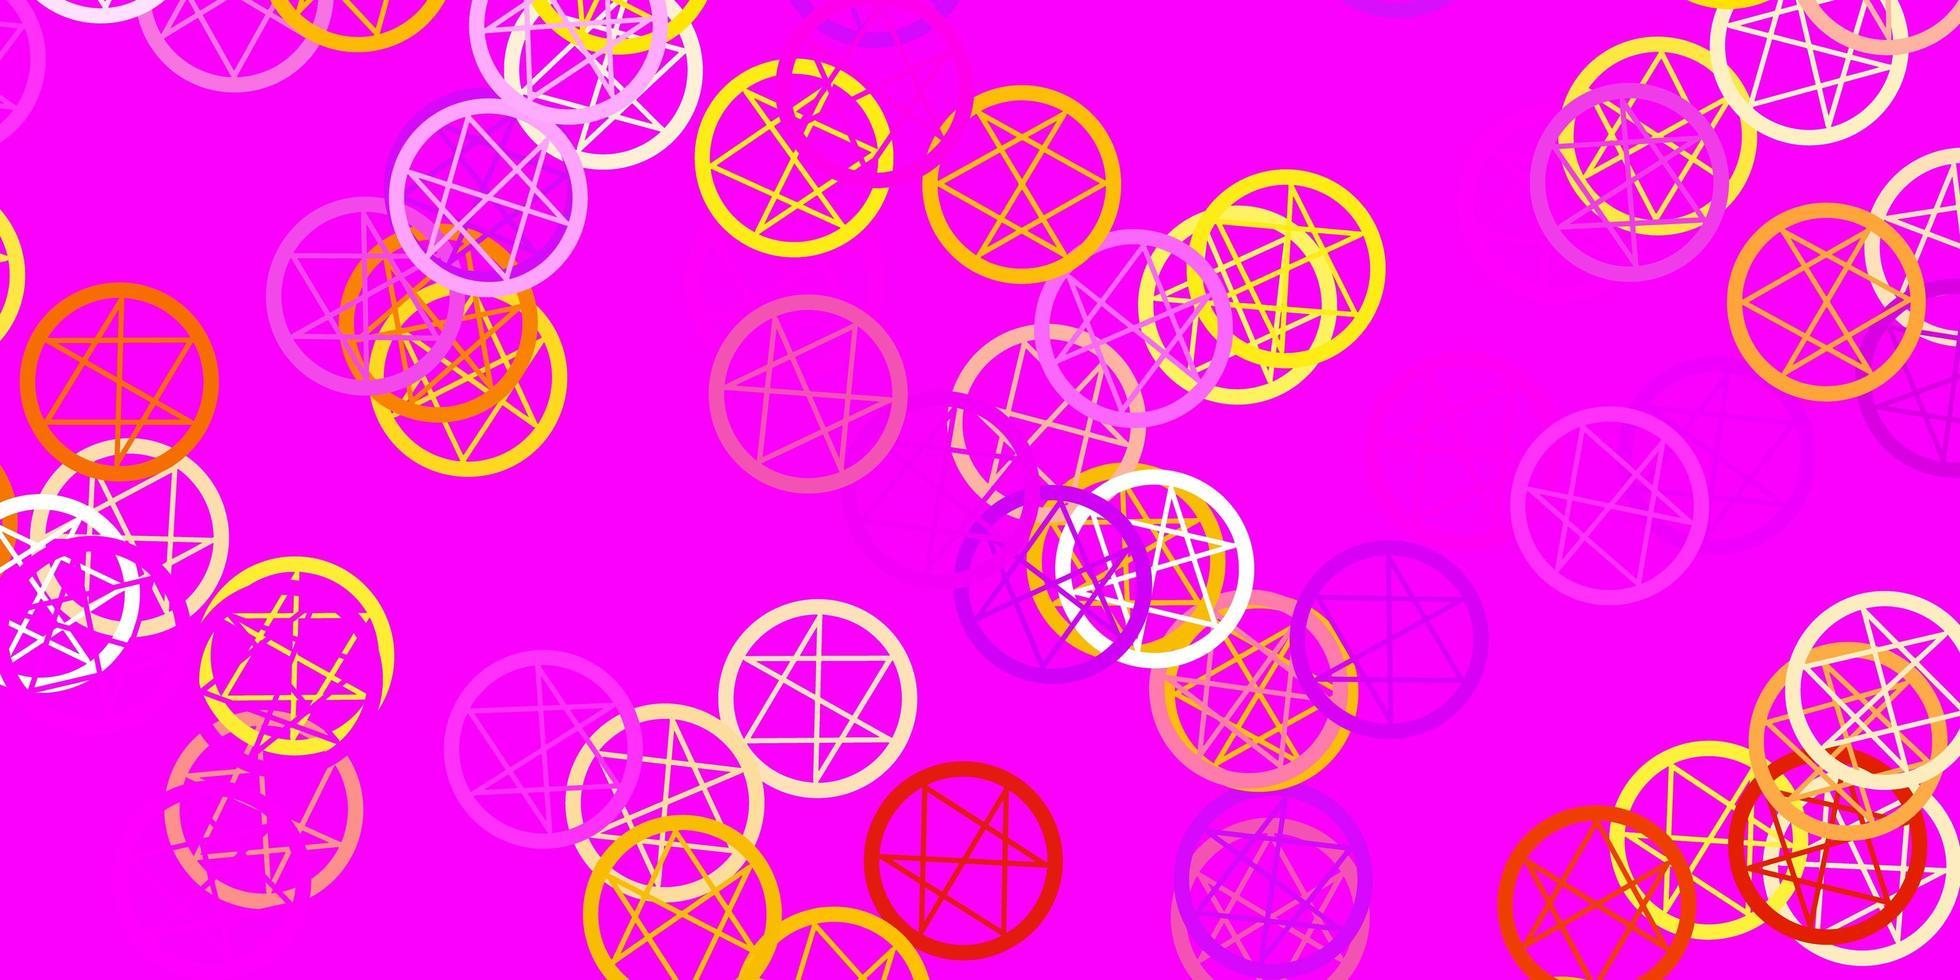 hellrosa, gelber Vektorhintergrund mit okkulten Symbolen. vektor